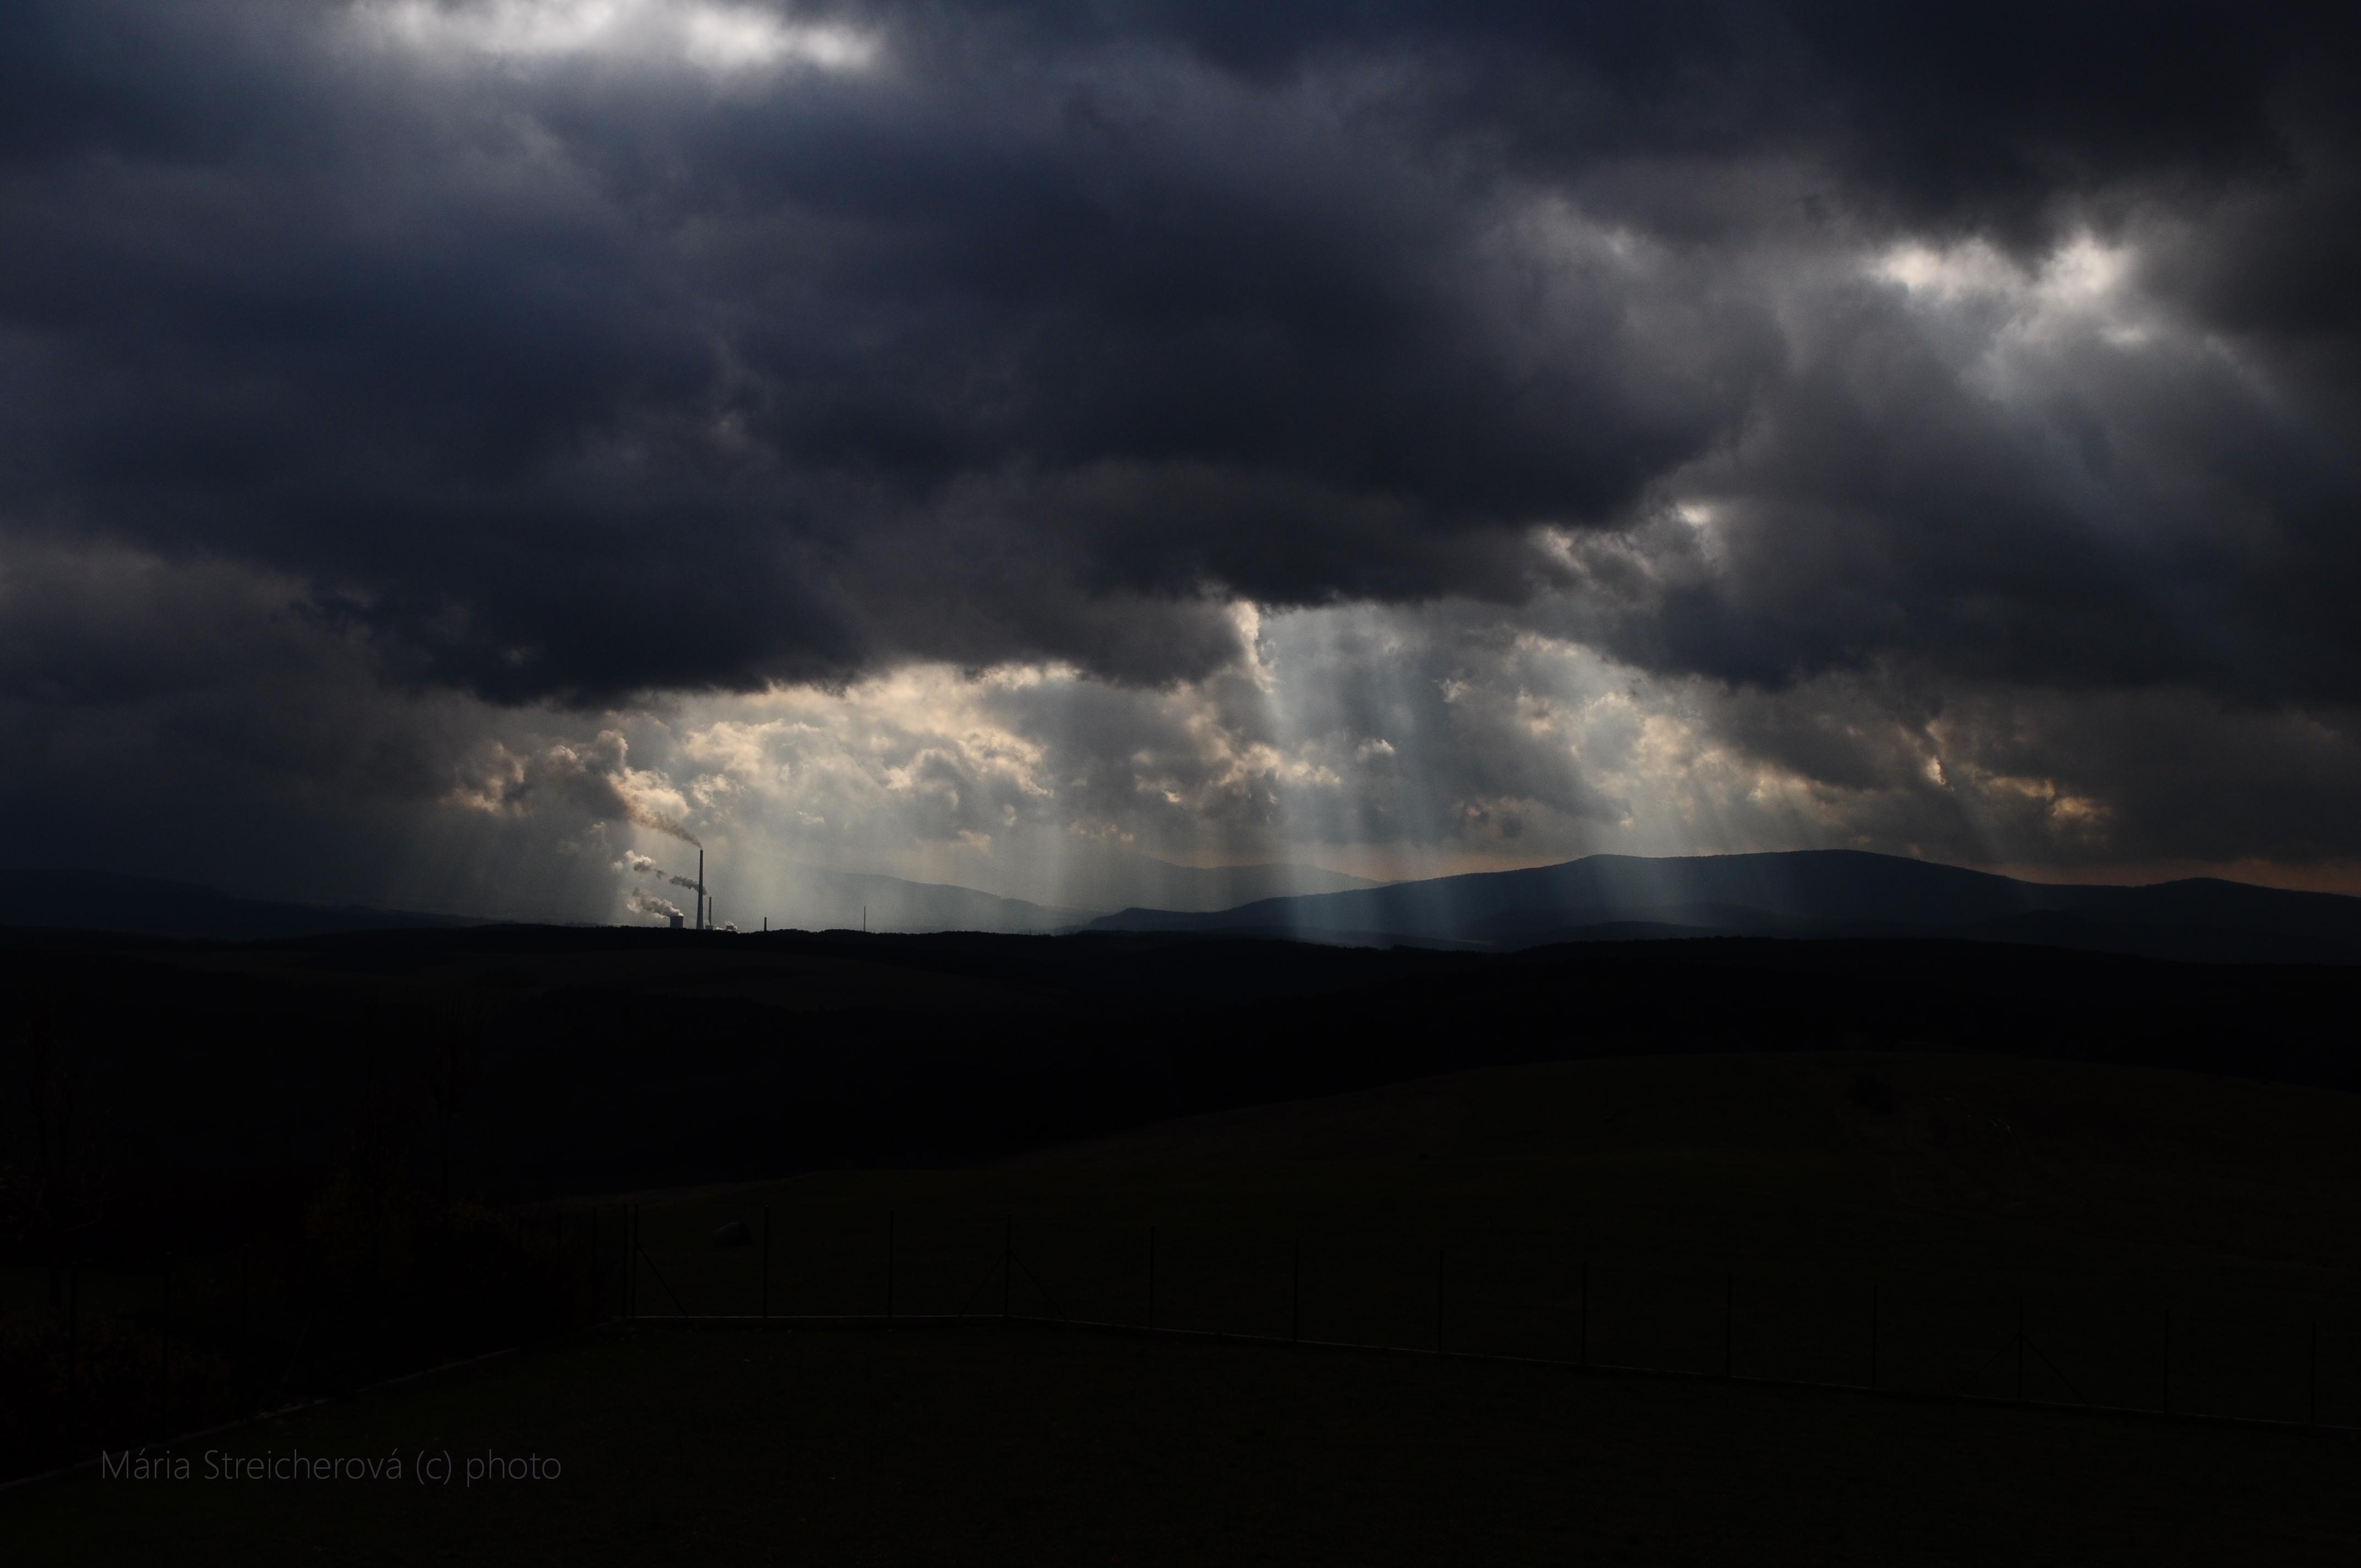 Krajina a obloha po výdatnej búrke, ktorá priniesla povodeň v Handlovej. Silueta tepelnej elektrárne v Zemianskych Kostoľanoch.